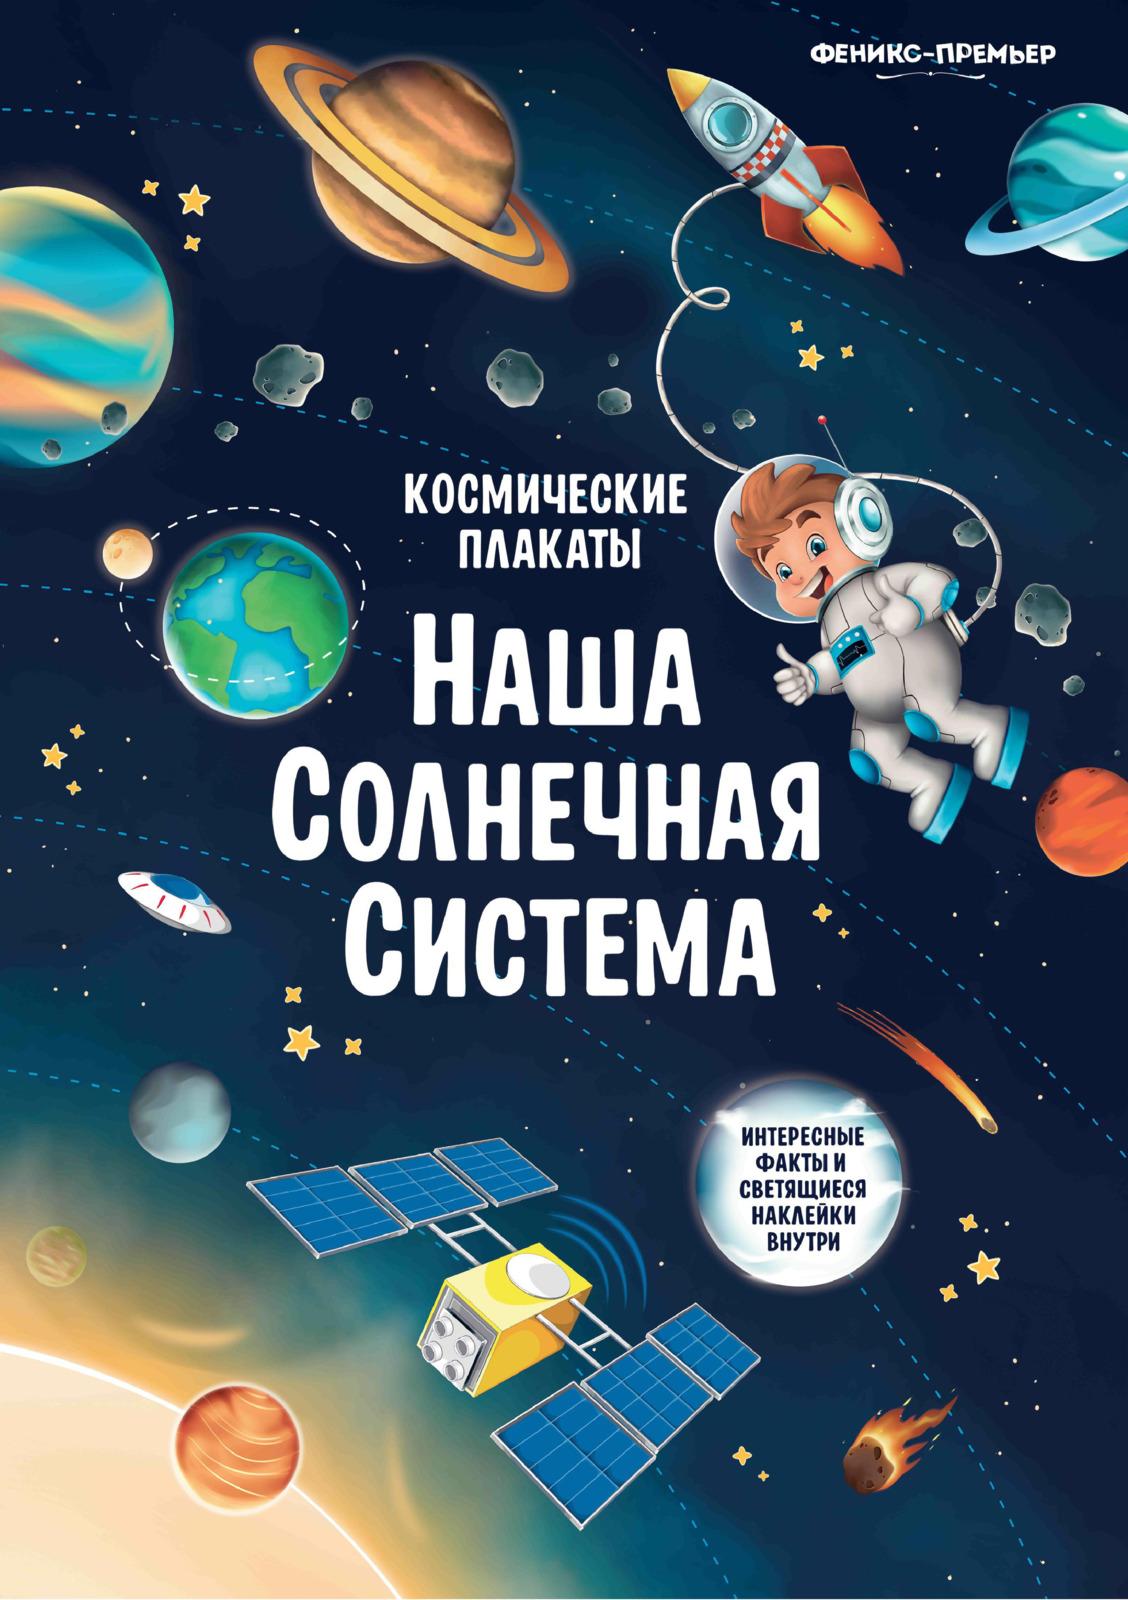 А.А. Прищеп Космические плакаты. Наша Солнечная система